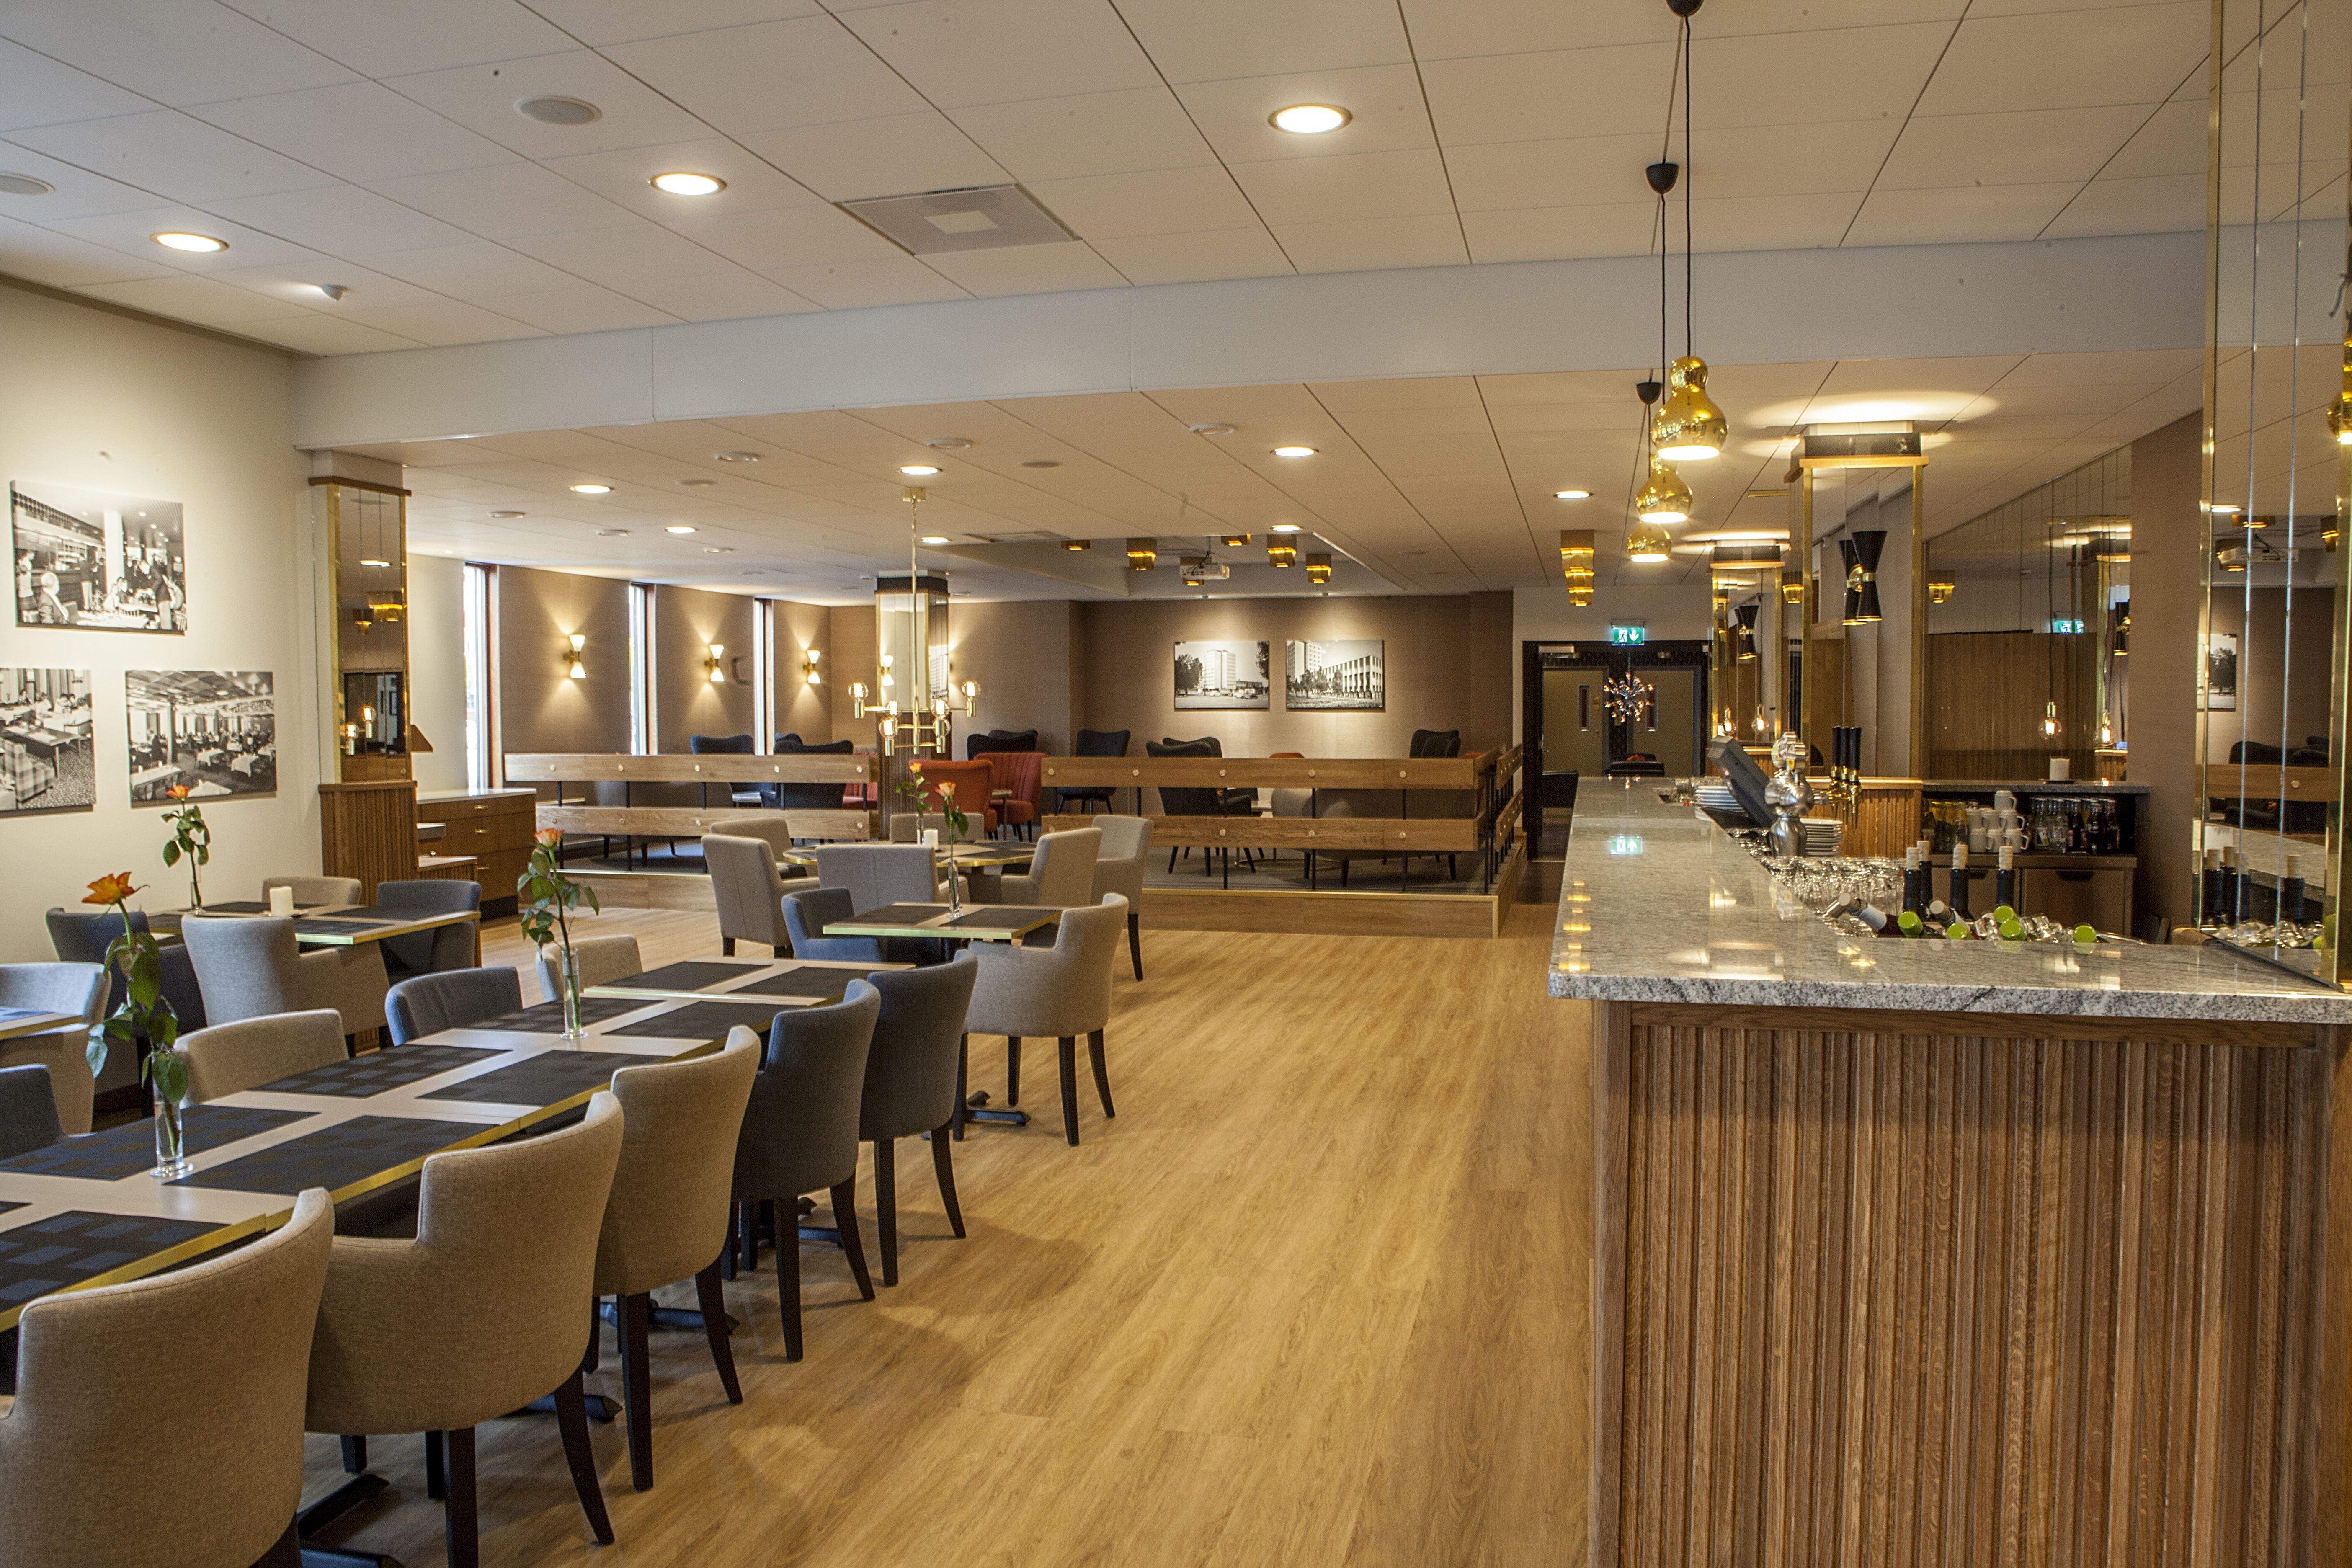 Hotell Högland restaurang